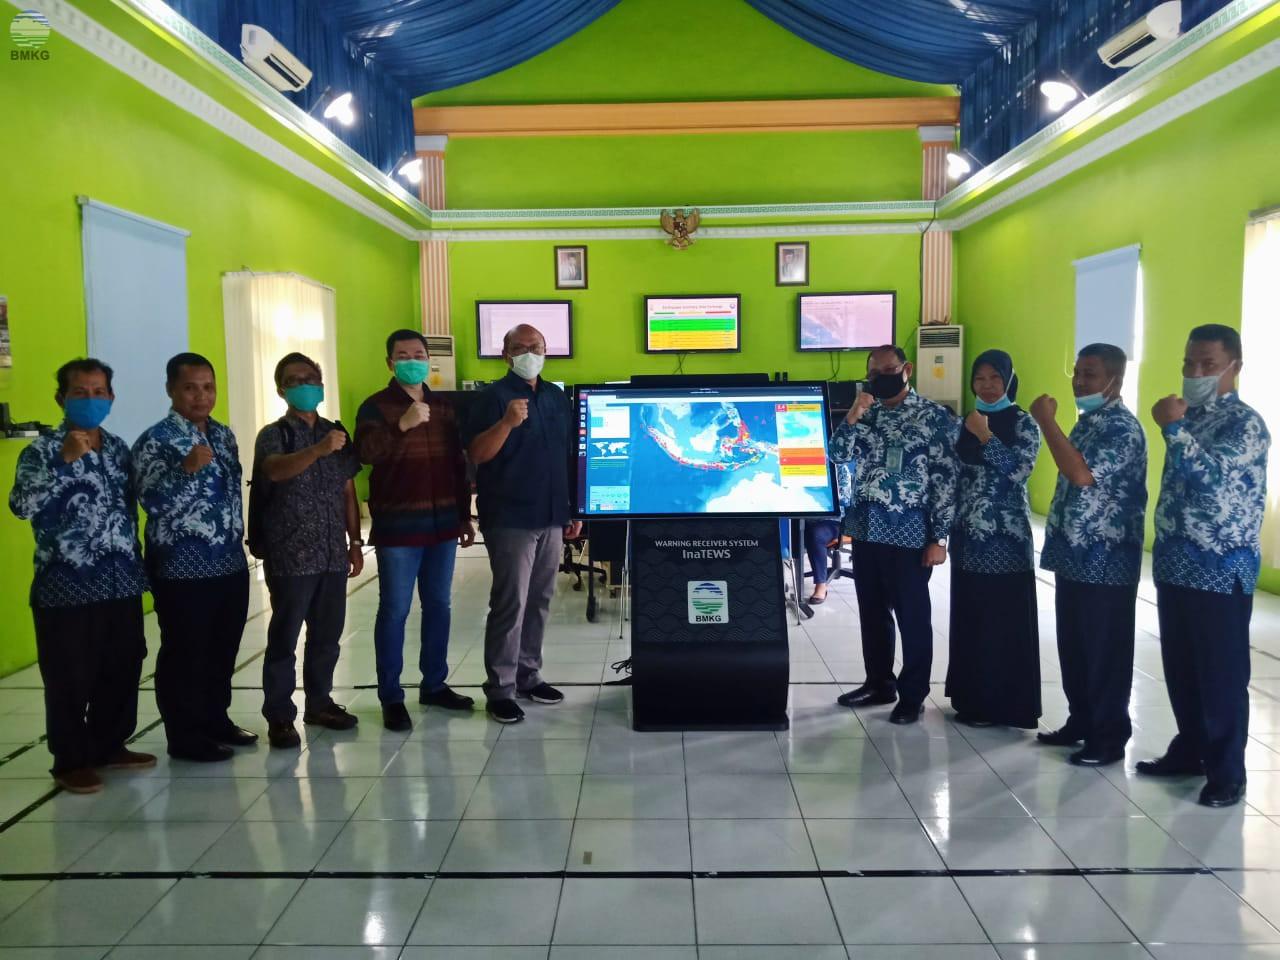 Kembangkan Wilayah Danau Toba sebagai Destinasi Wisata Super Prioritas, BMKG dan Badan Pelaksana Otorita Danau Toba Jajaki Kerja Sama